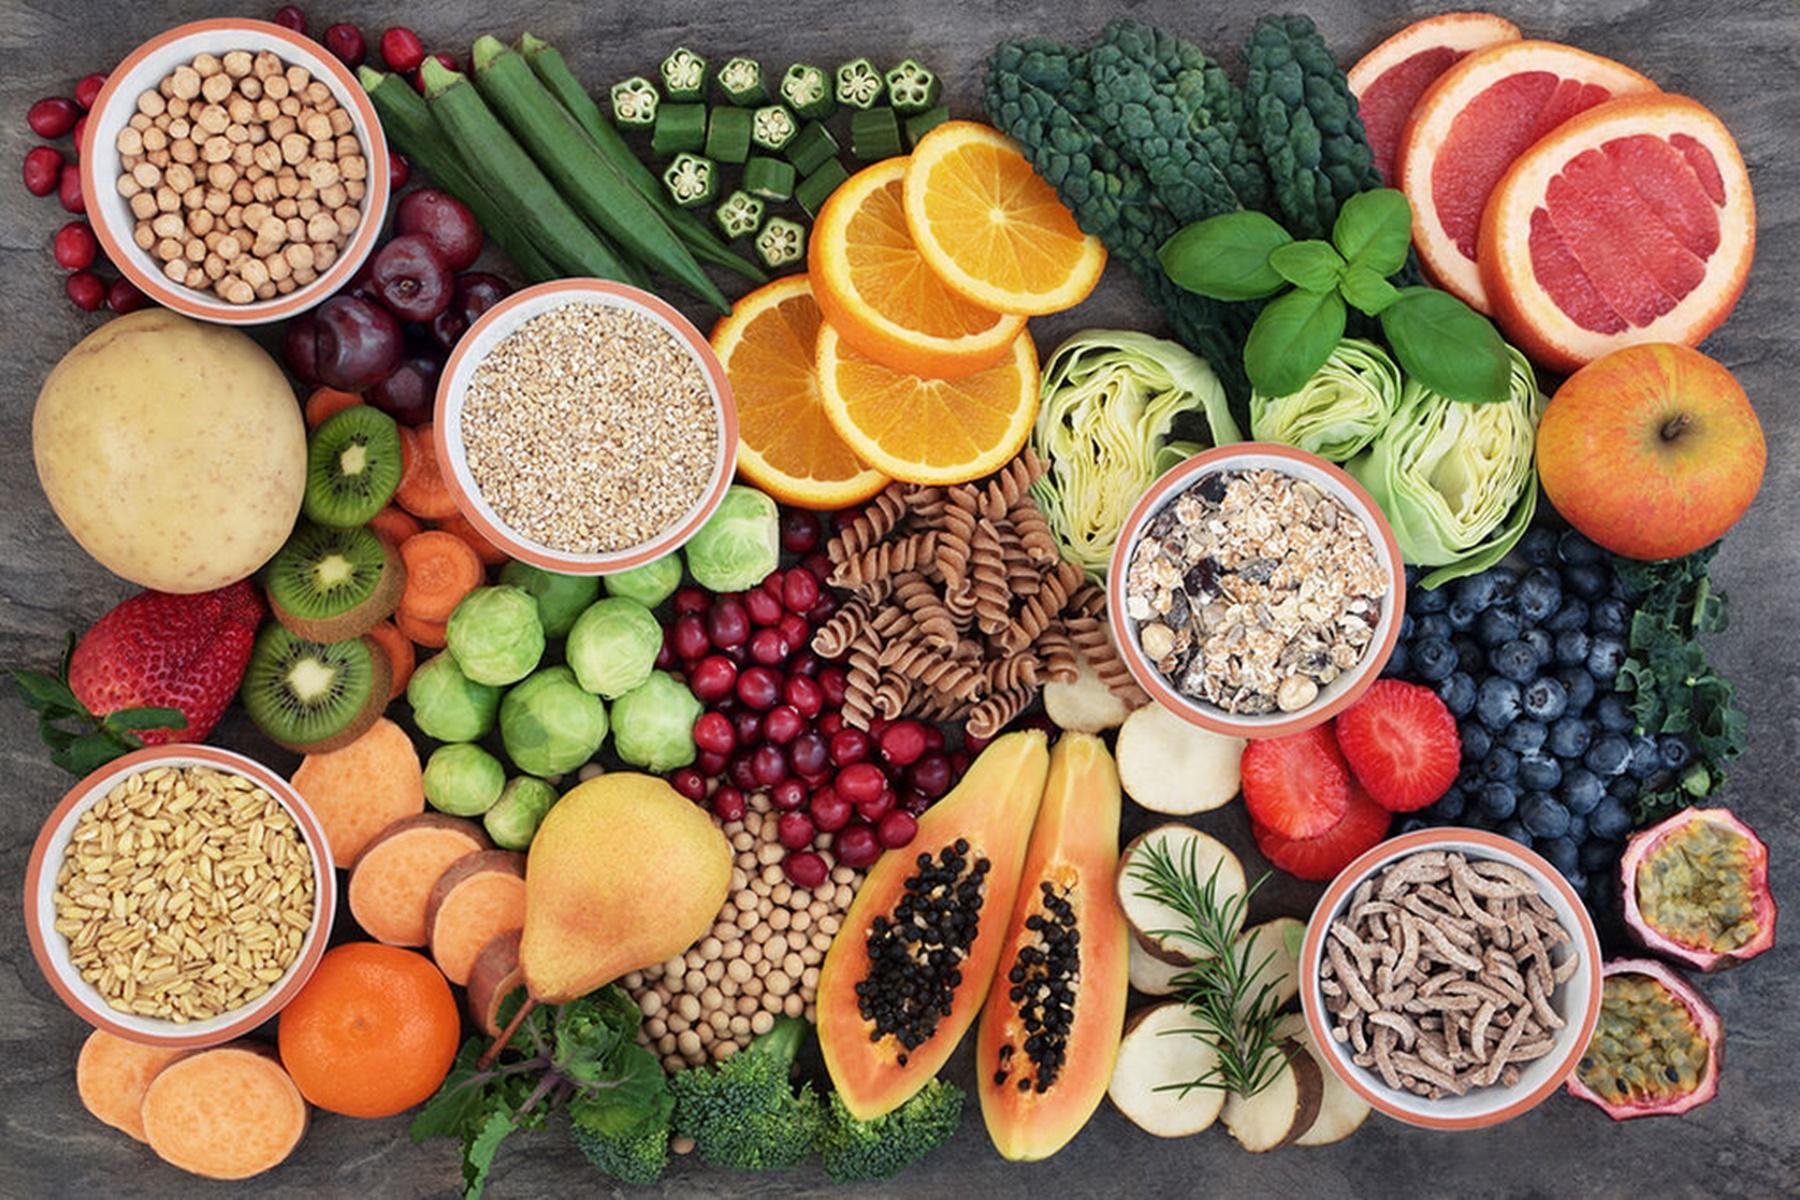 Διατροφή : 3 άκρως υγιεινά τρόφιμα υψηλά σε λιπαρά